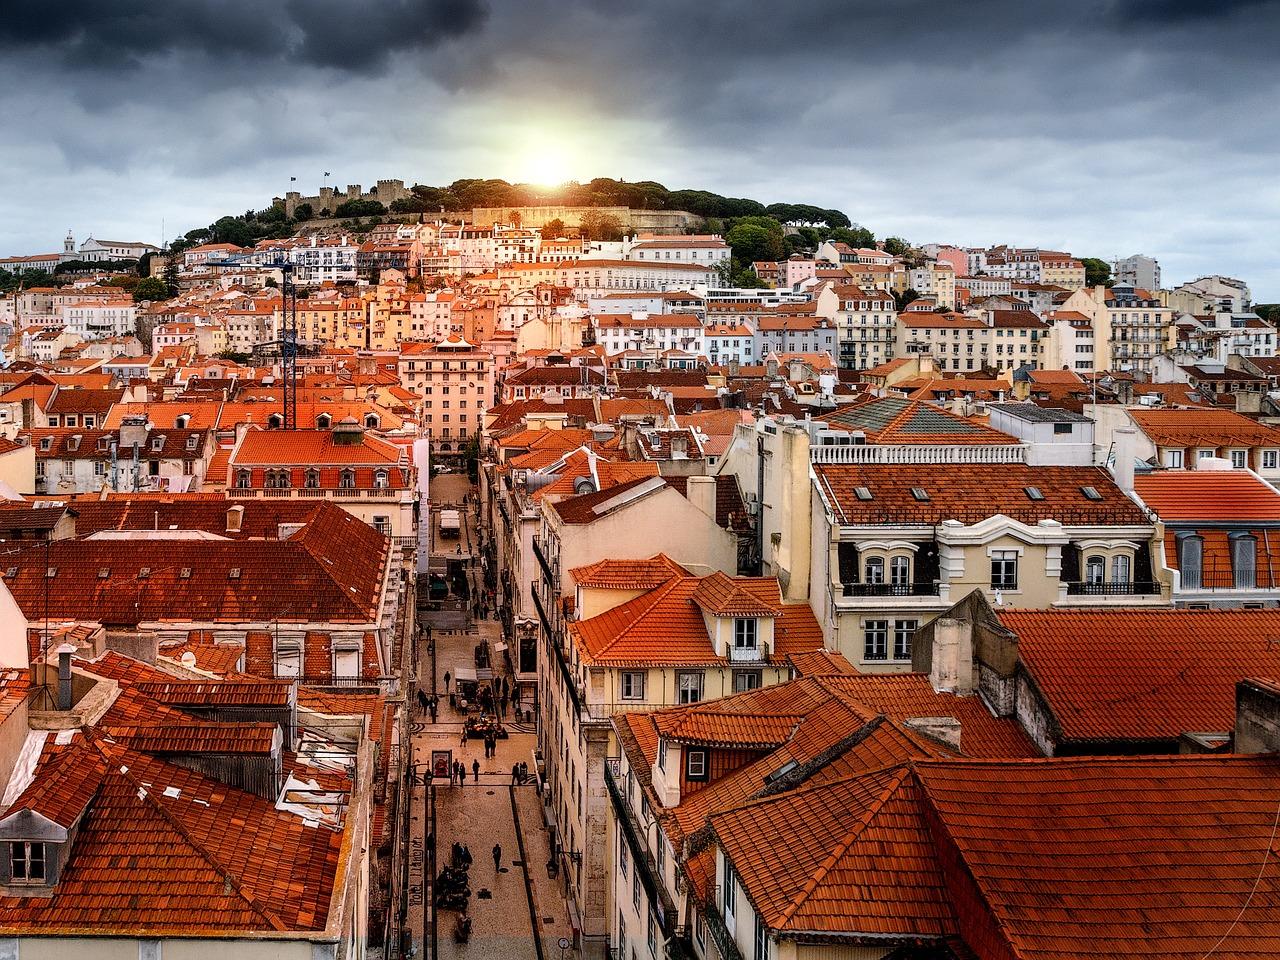 Citytrip à Lisbonne : 5 jours à partir de 148€ (vols A/R et hébergement inclus)